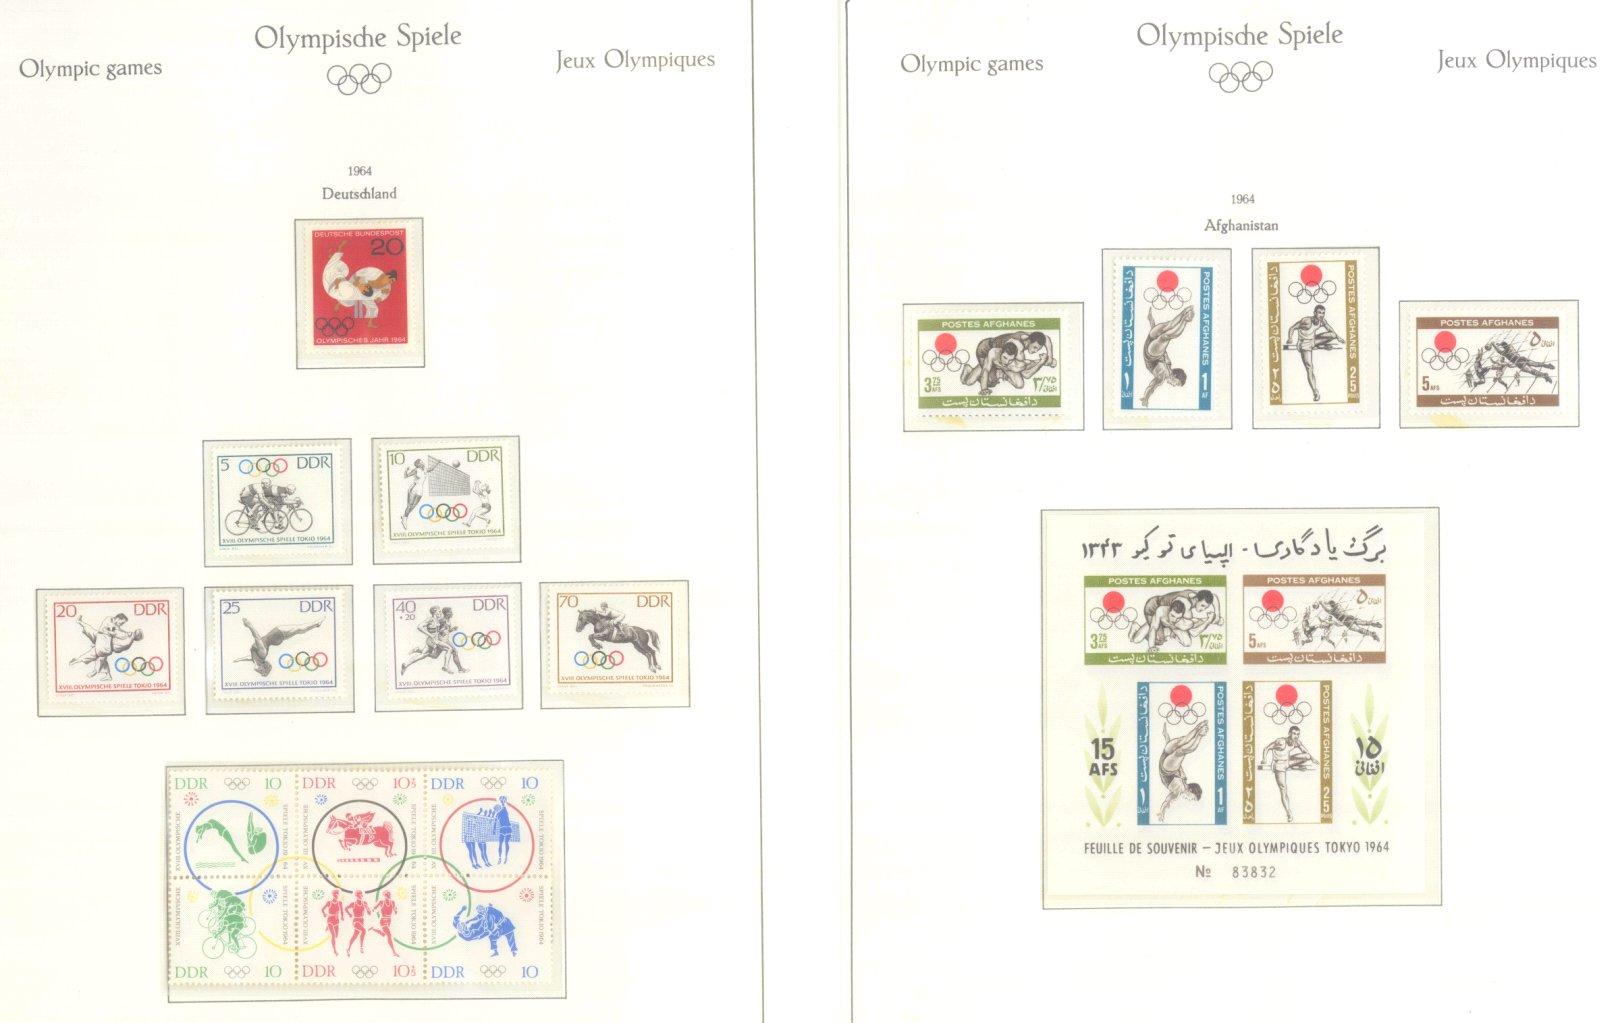 OLYMPISCHE SPIELE 1964 TOKIO, postfrische Sammlung Teil 1-62